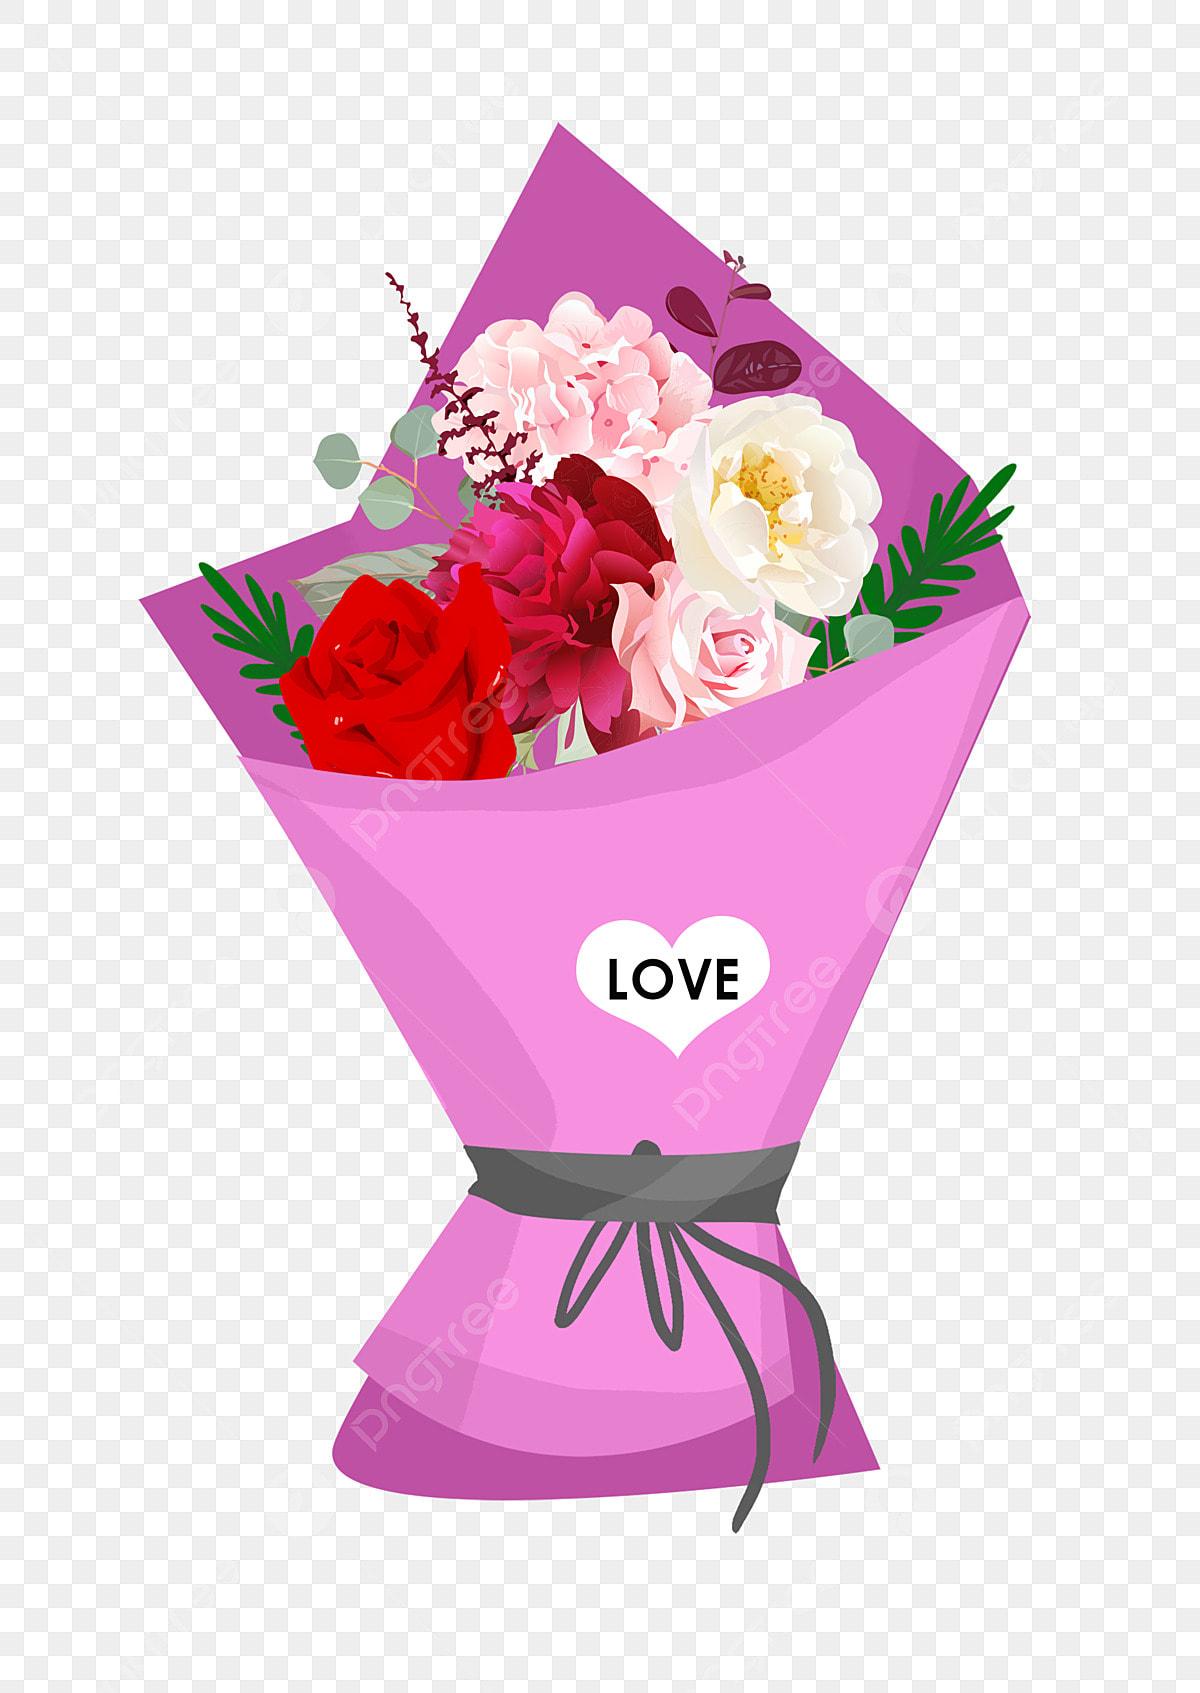 Dessin Animé Bouquet De Fleurs Romantique Valentin